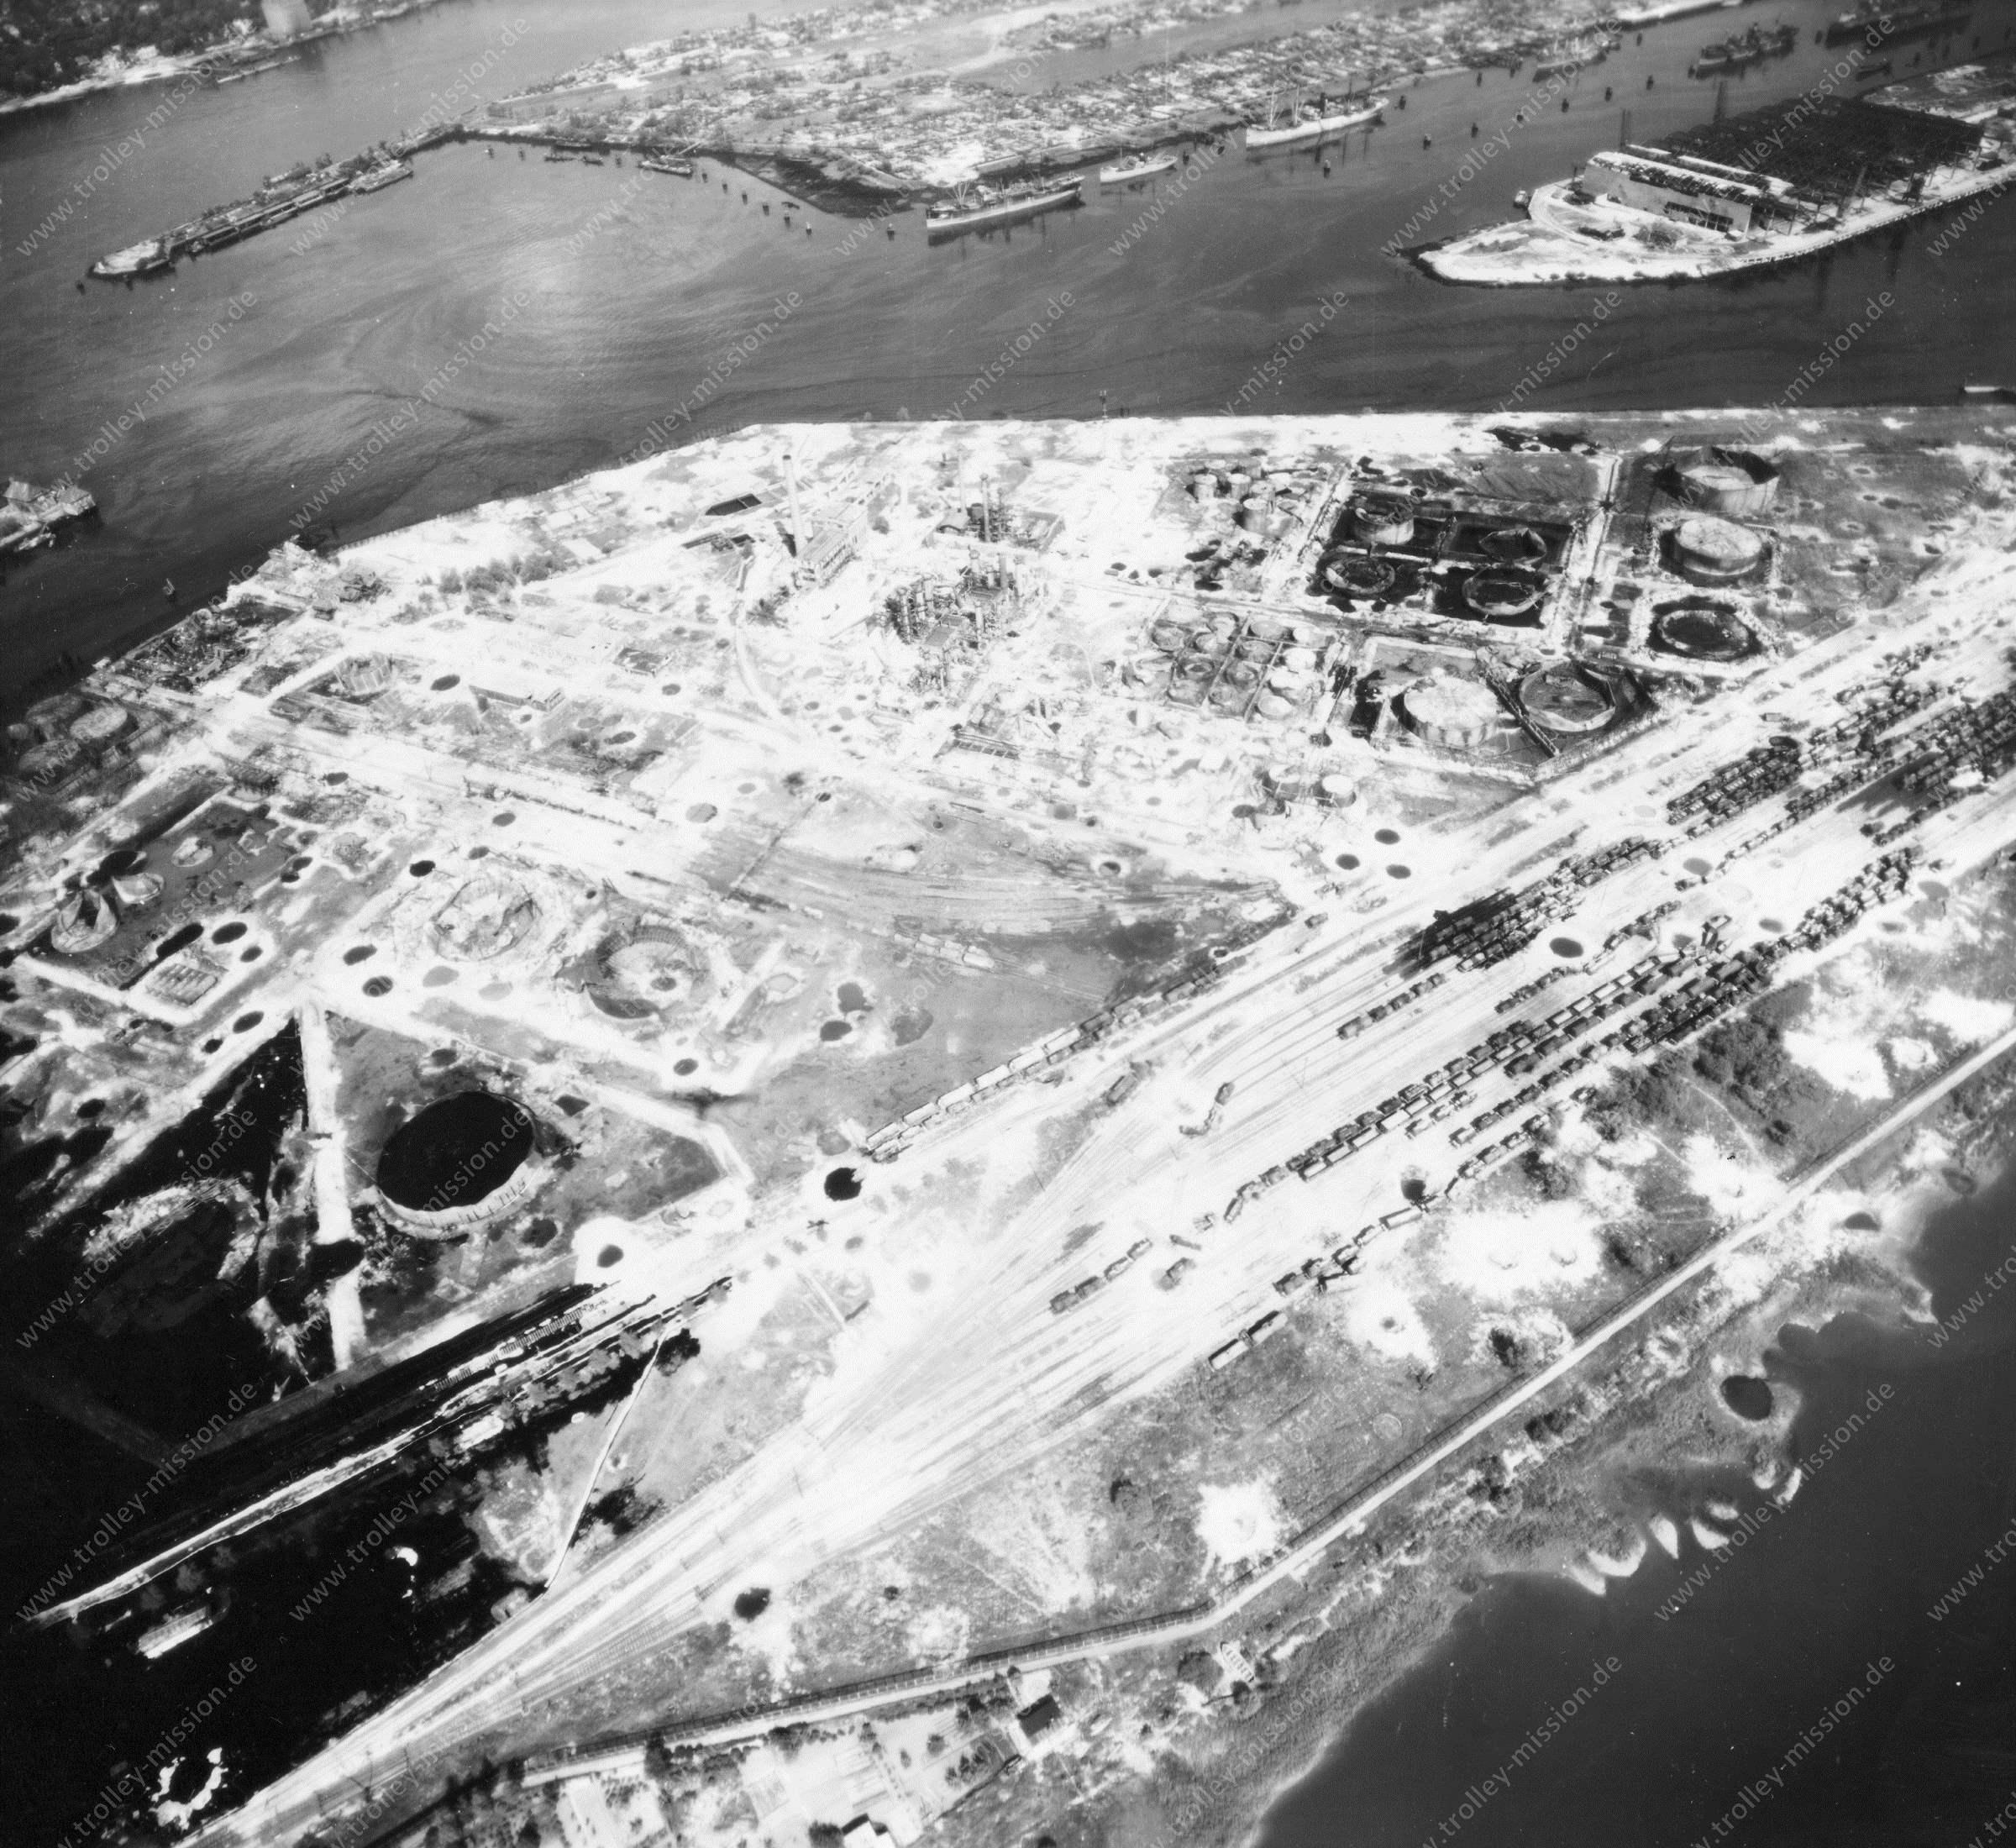 Luftbild von Hamburg und Hafen am 12. Mai 1945 - Luftbildserie 3/19 der US Air Force